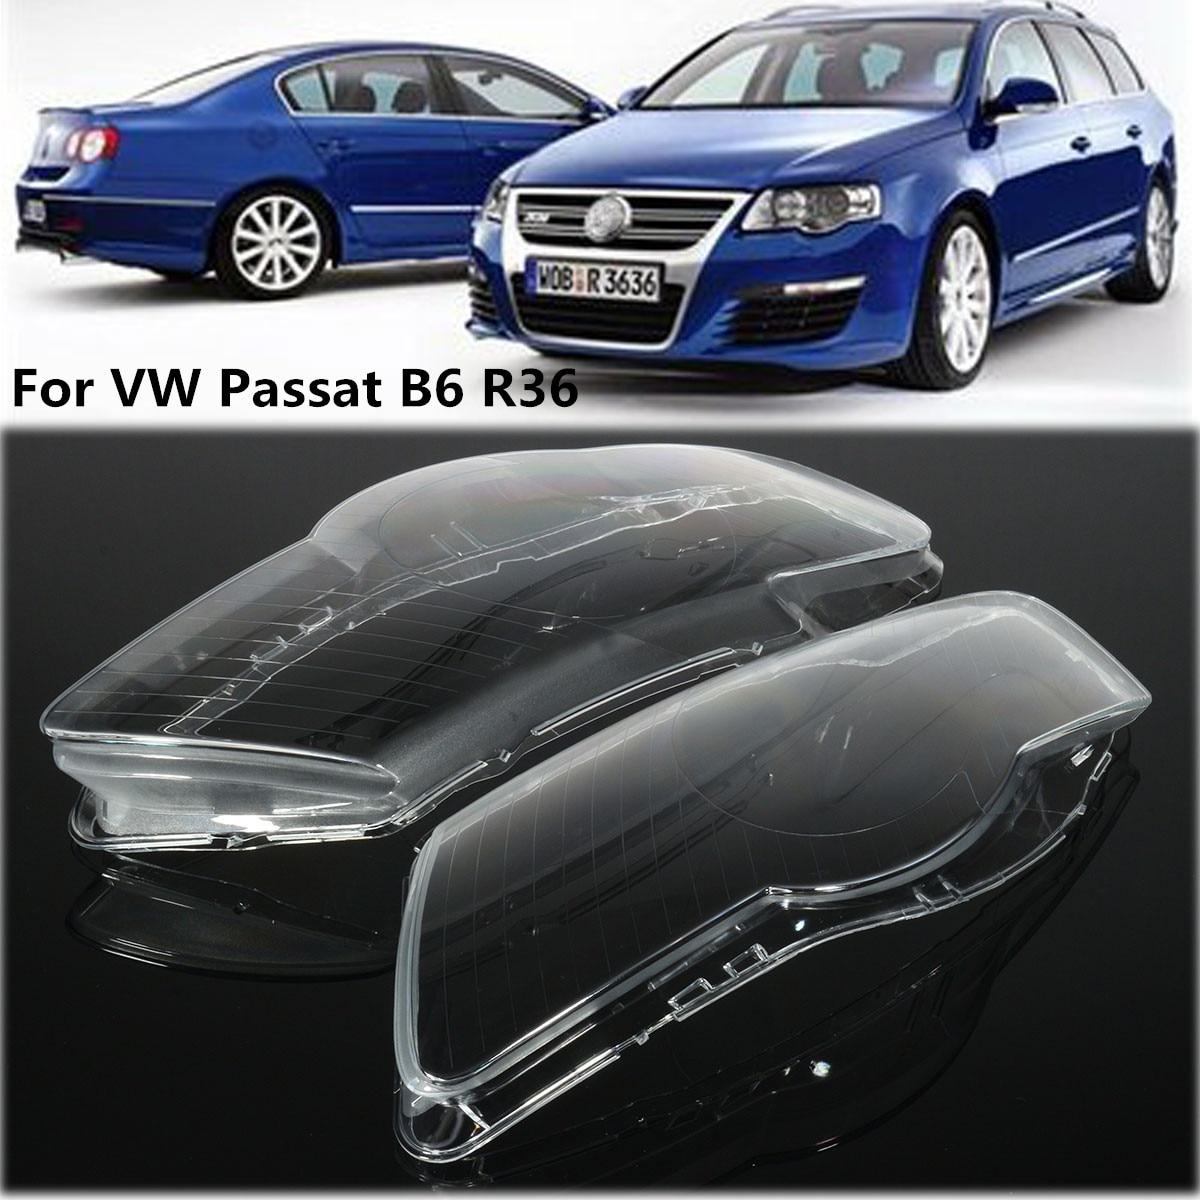 Coppia Auto Del Faro Del Faro Impermeabile Luminoso Chiaro Obiettivo di Copertura Per Volkswagen VW Passat B6 bi-Xeno fari R36